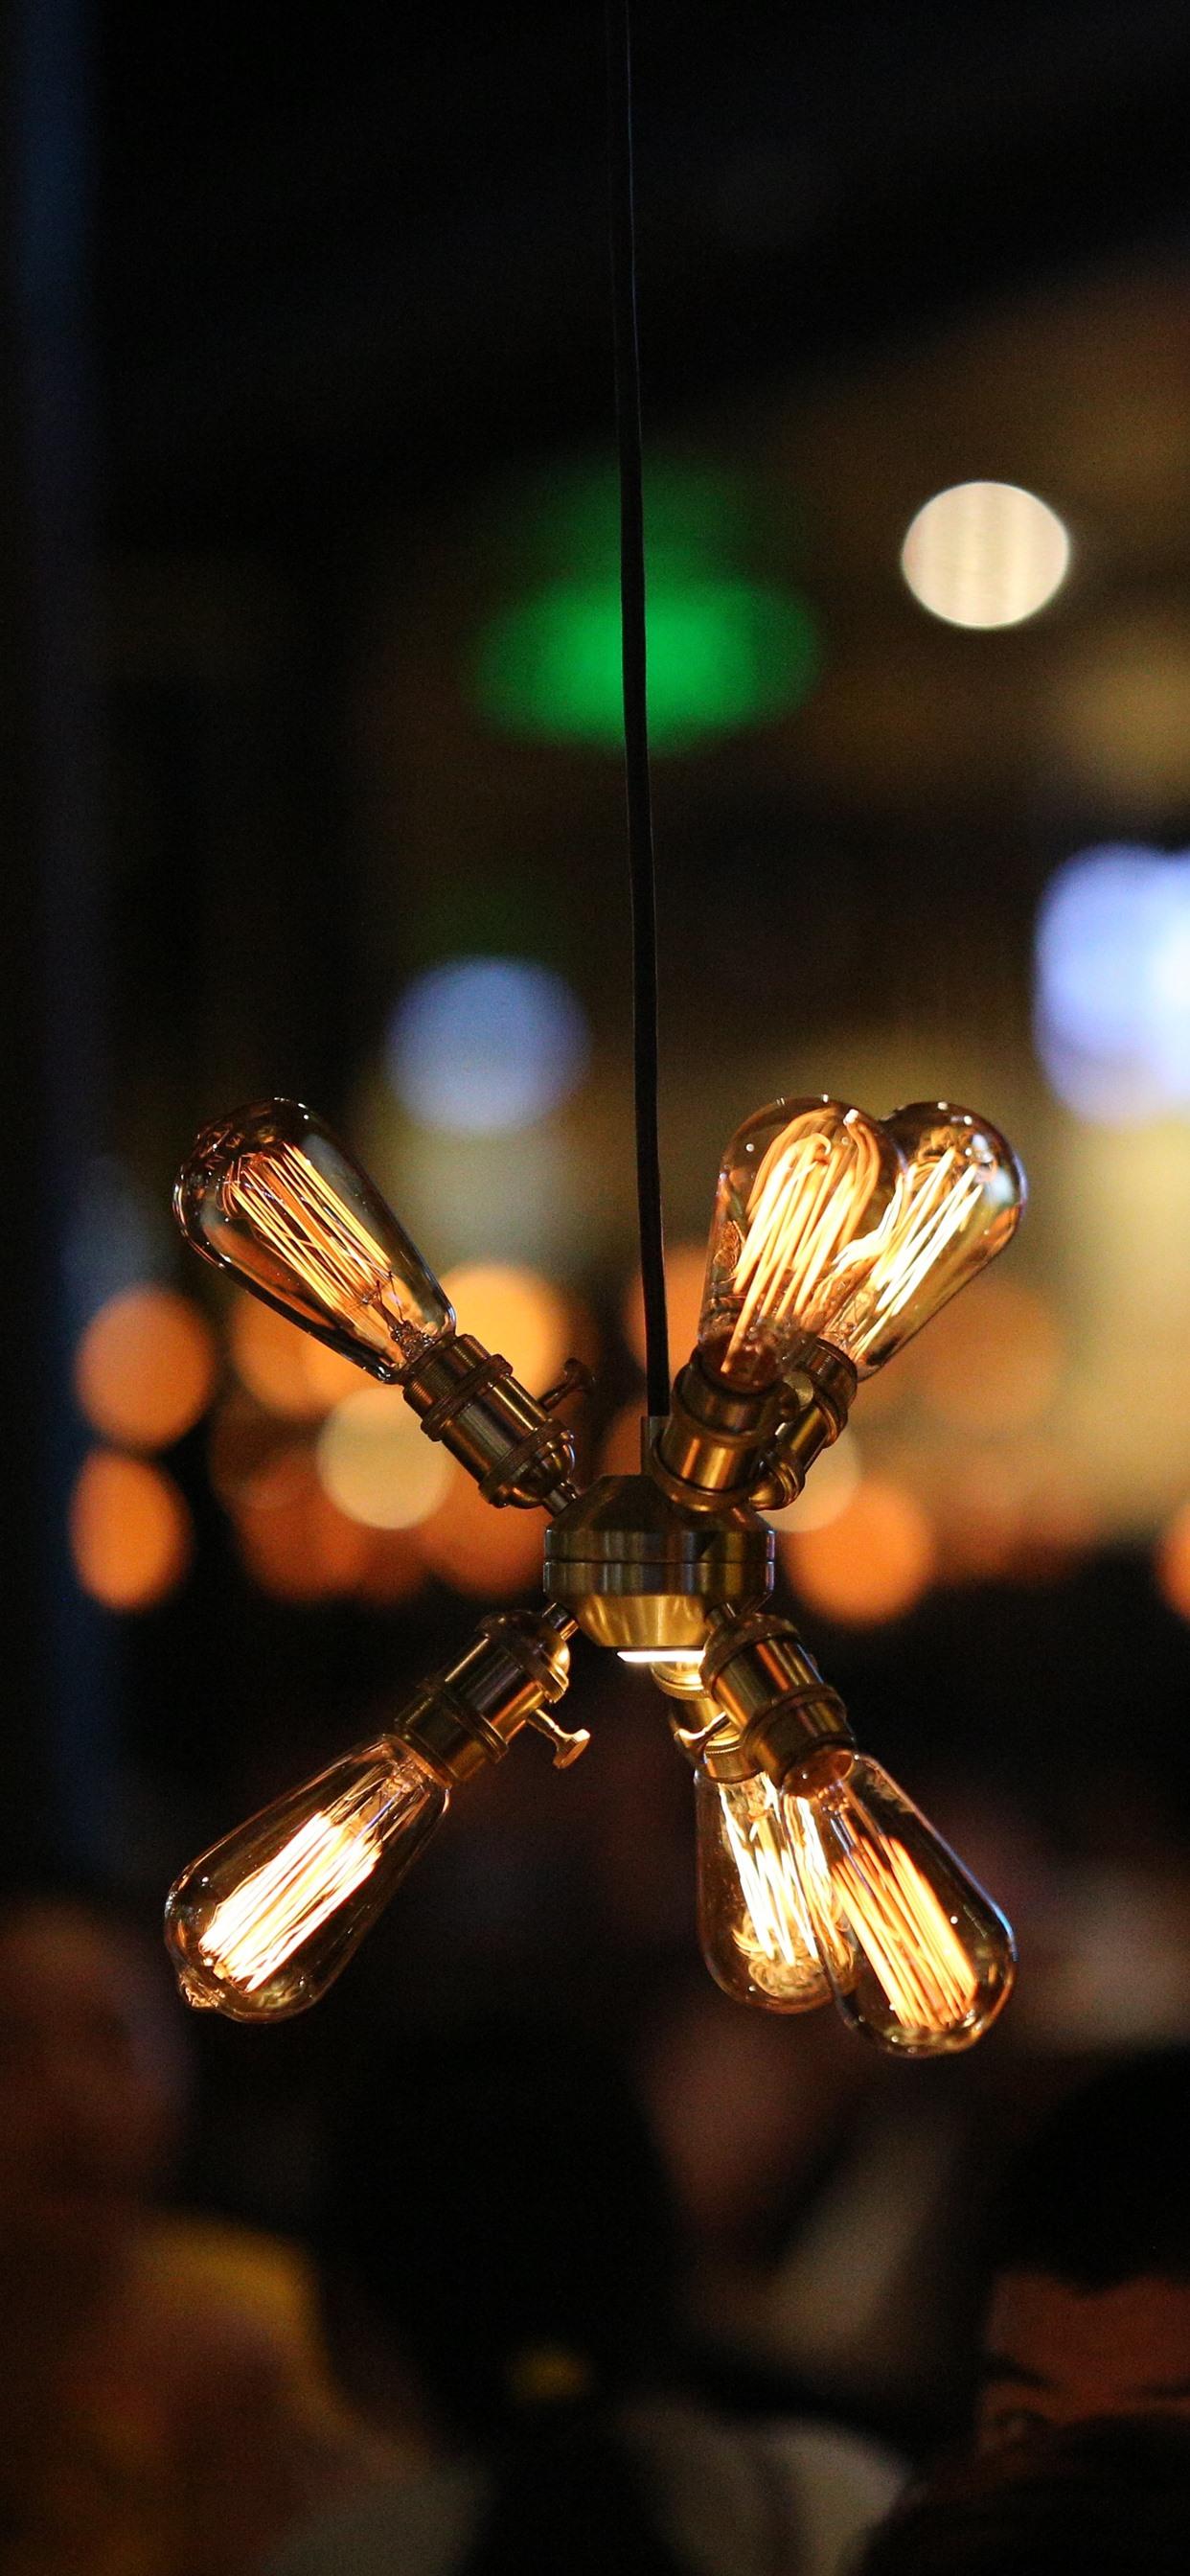 Light Bulb Warm Night 1242x2688 Iphone Xs Max Wallpaper